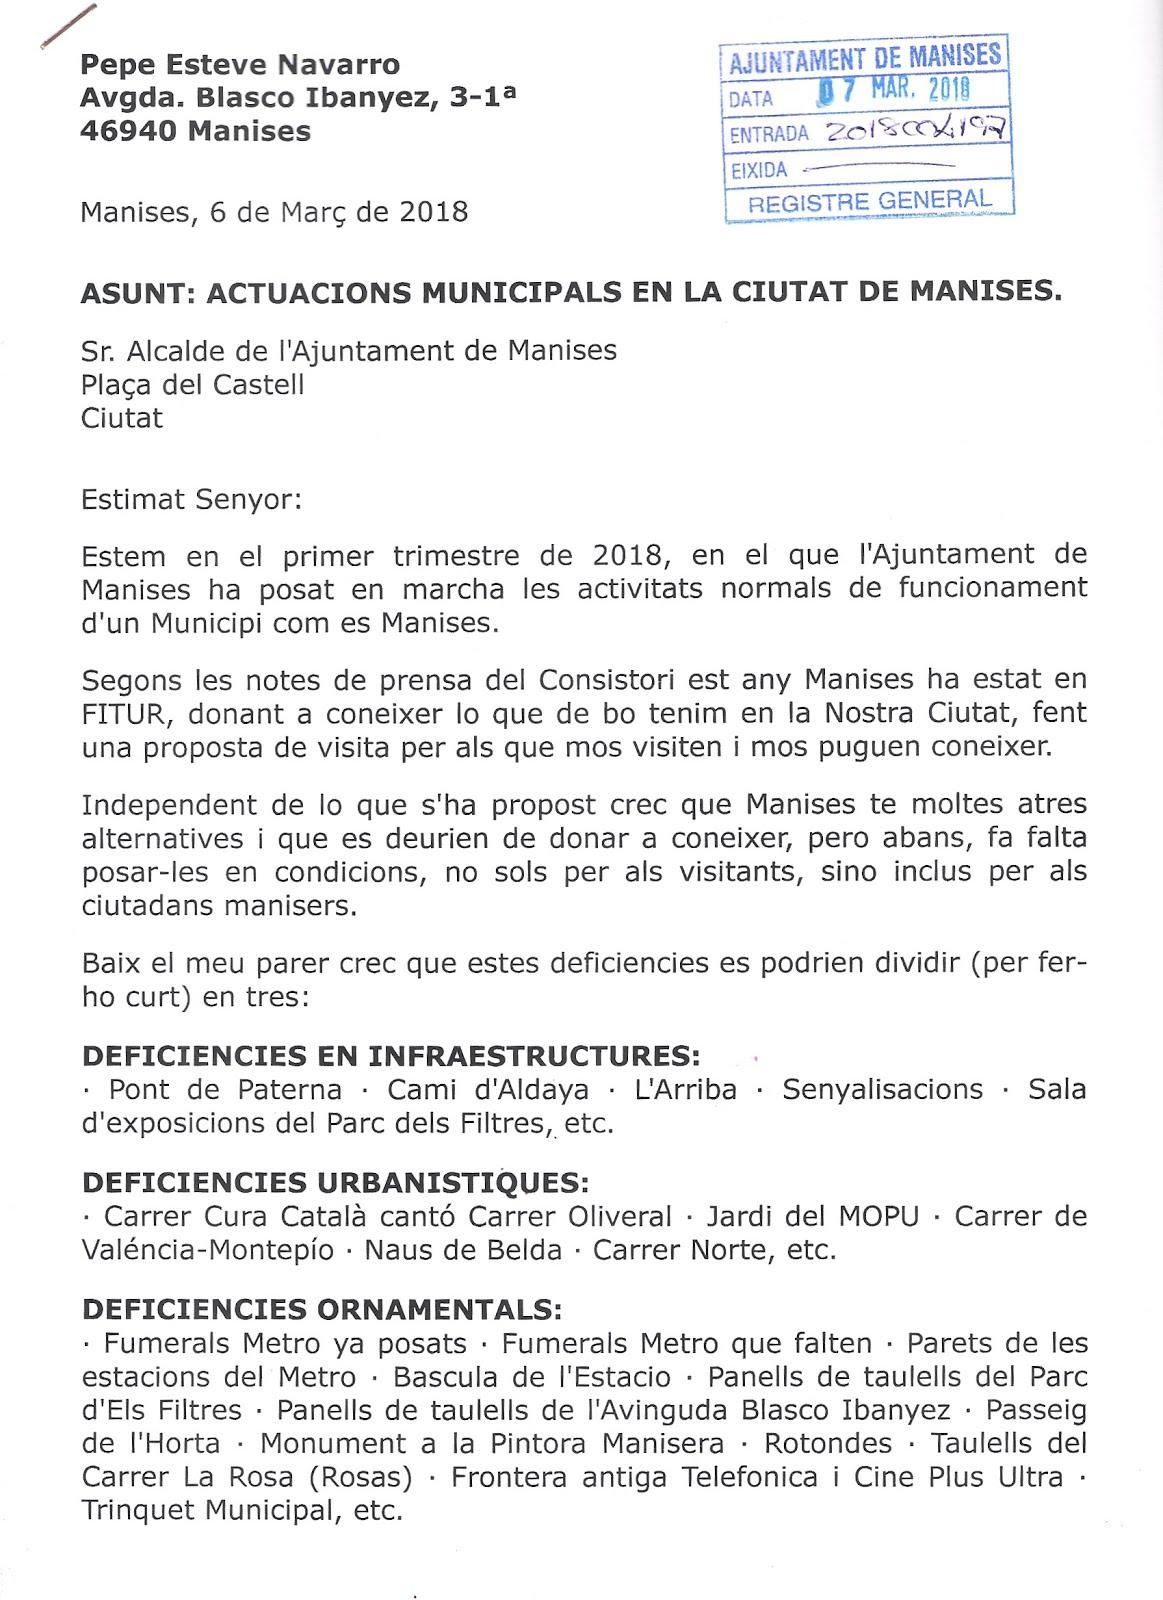 08.03.18 CARTA PER REGISTRE A L'AJUNTAMENT DE MANISES